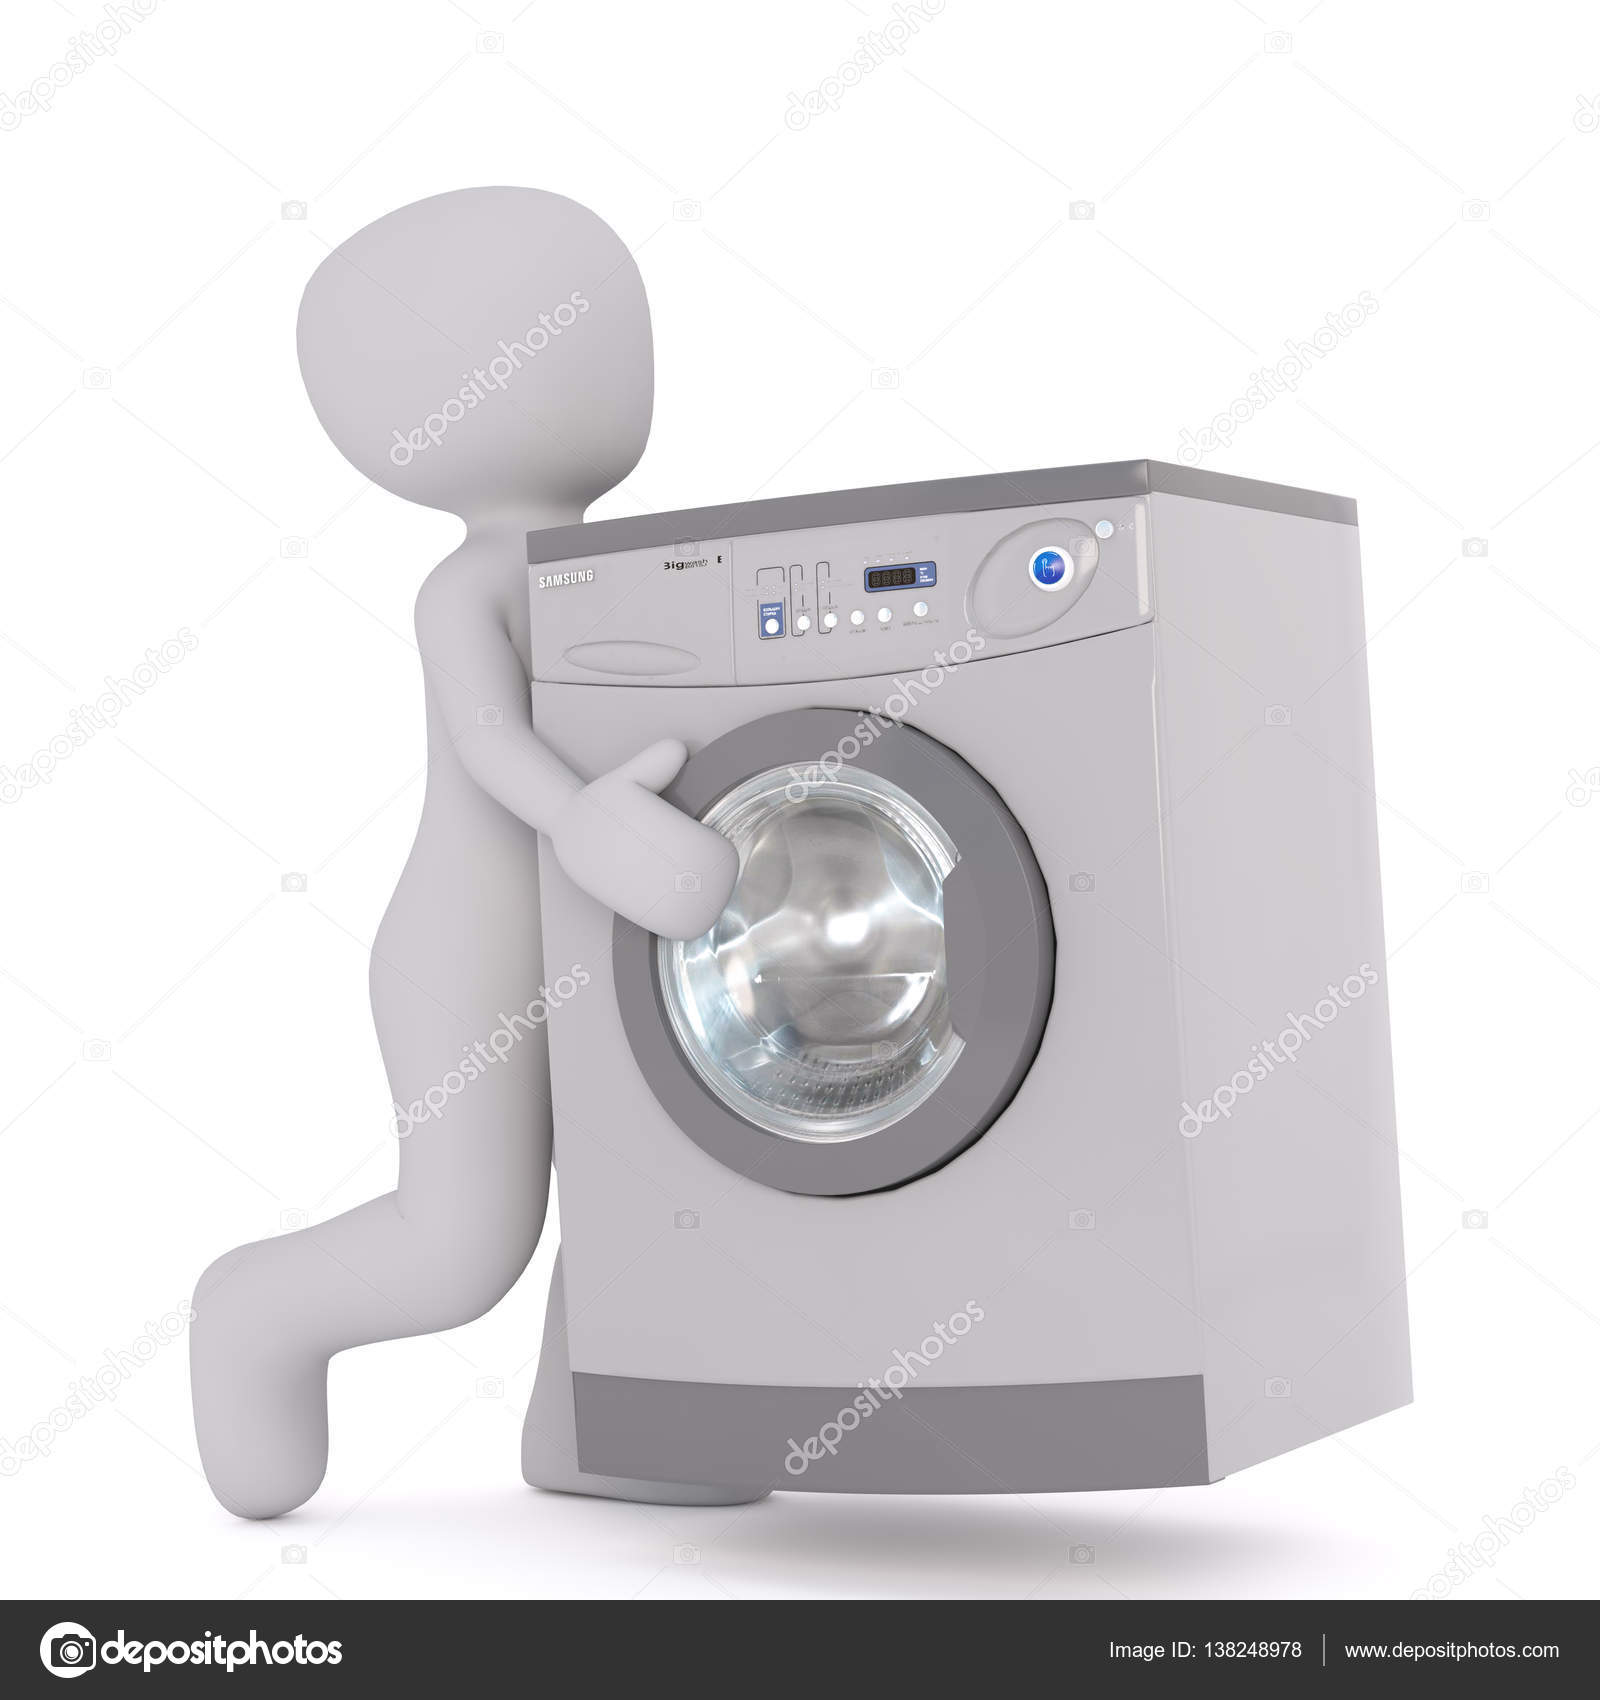 Moderne Waschmaschine figur tragen moderne waschmaschine stockfoto 3d agentur